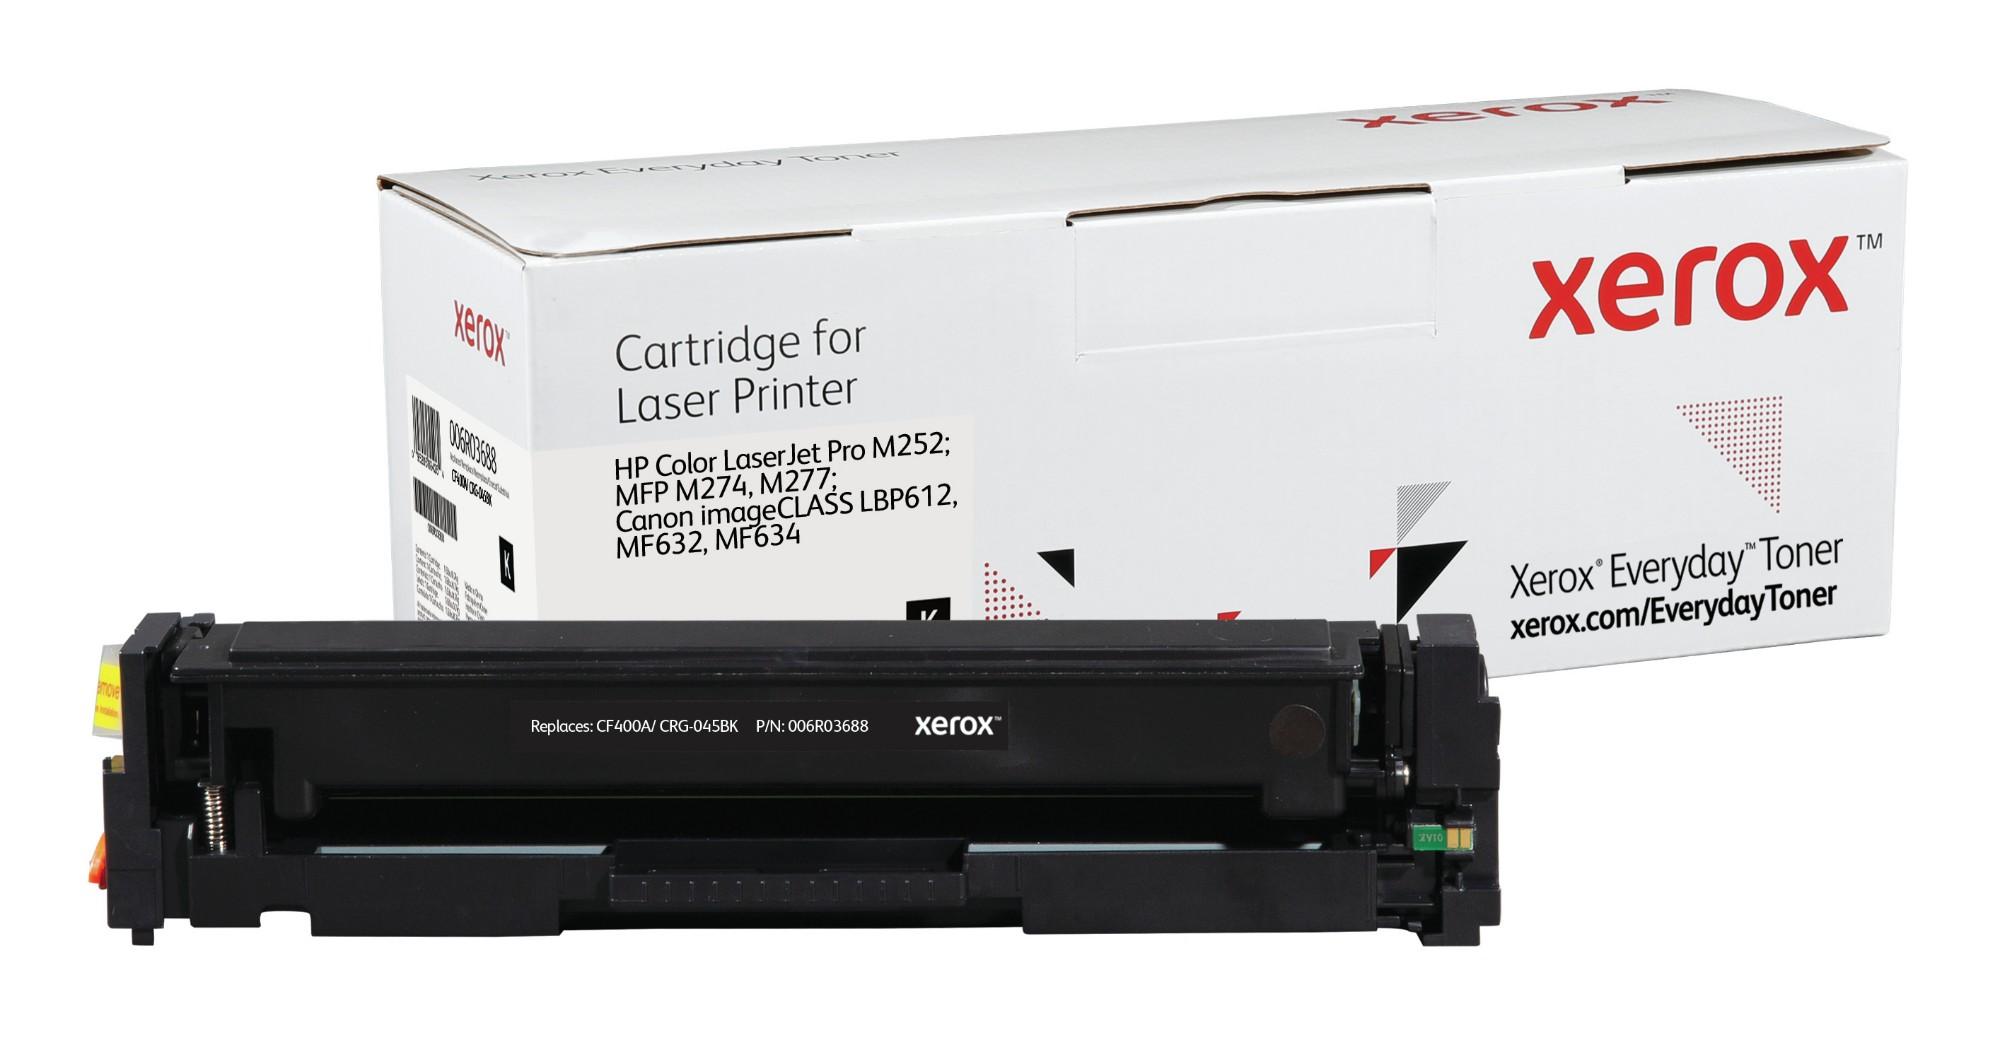 Xerox Tóner de Rendimiento estándar Negro Everyday, HP CF400A/ CRG-045BK equivalente de , 1500 páginas